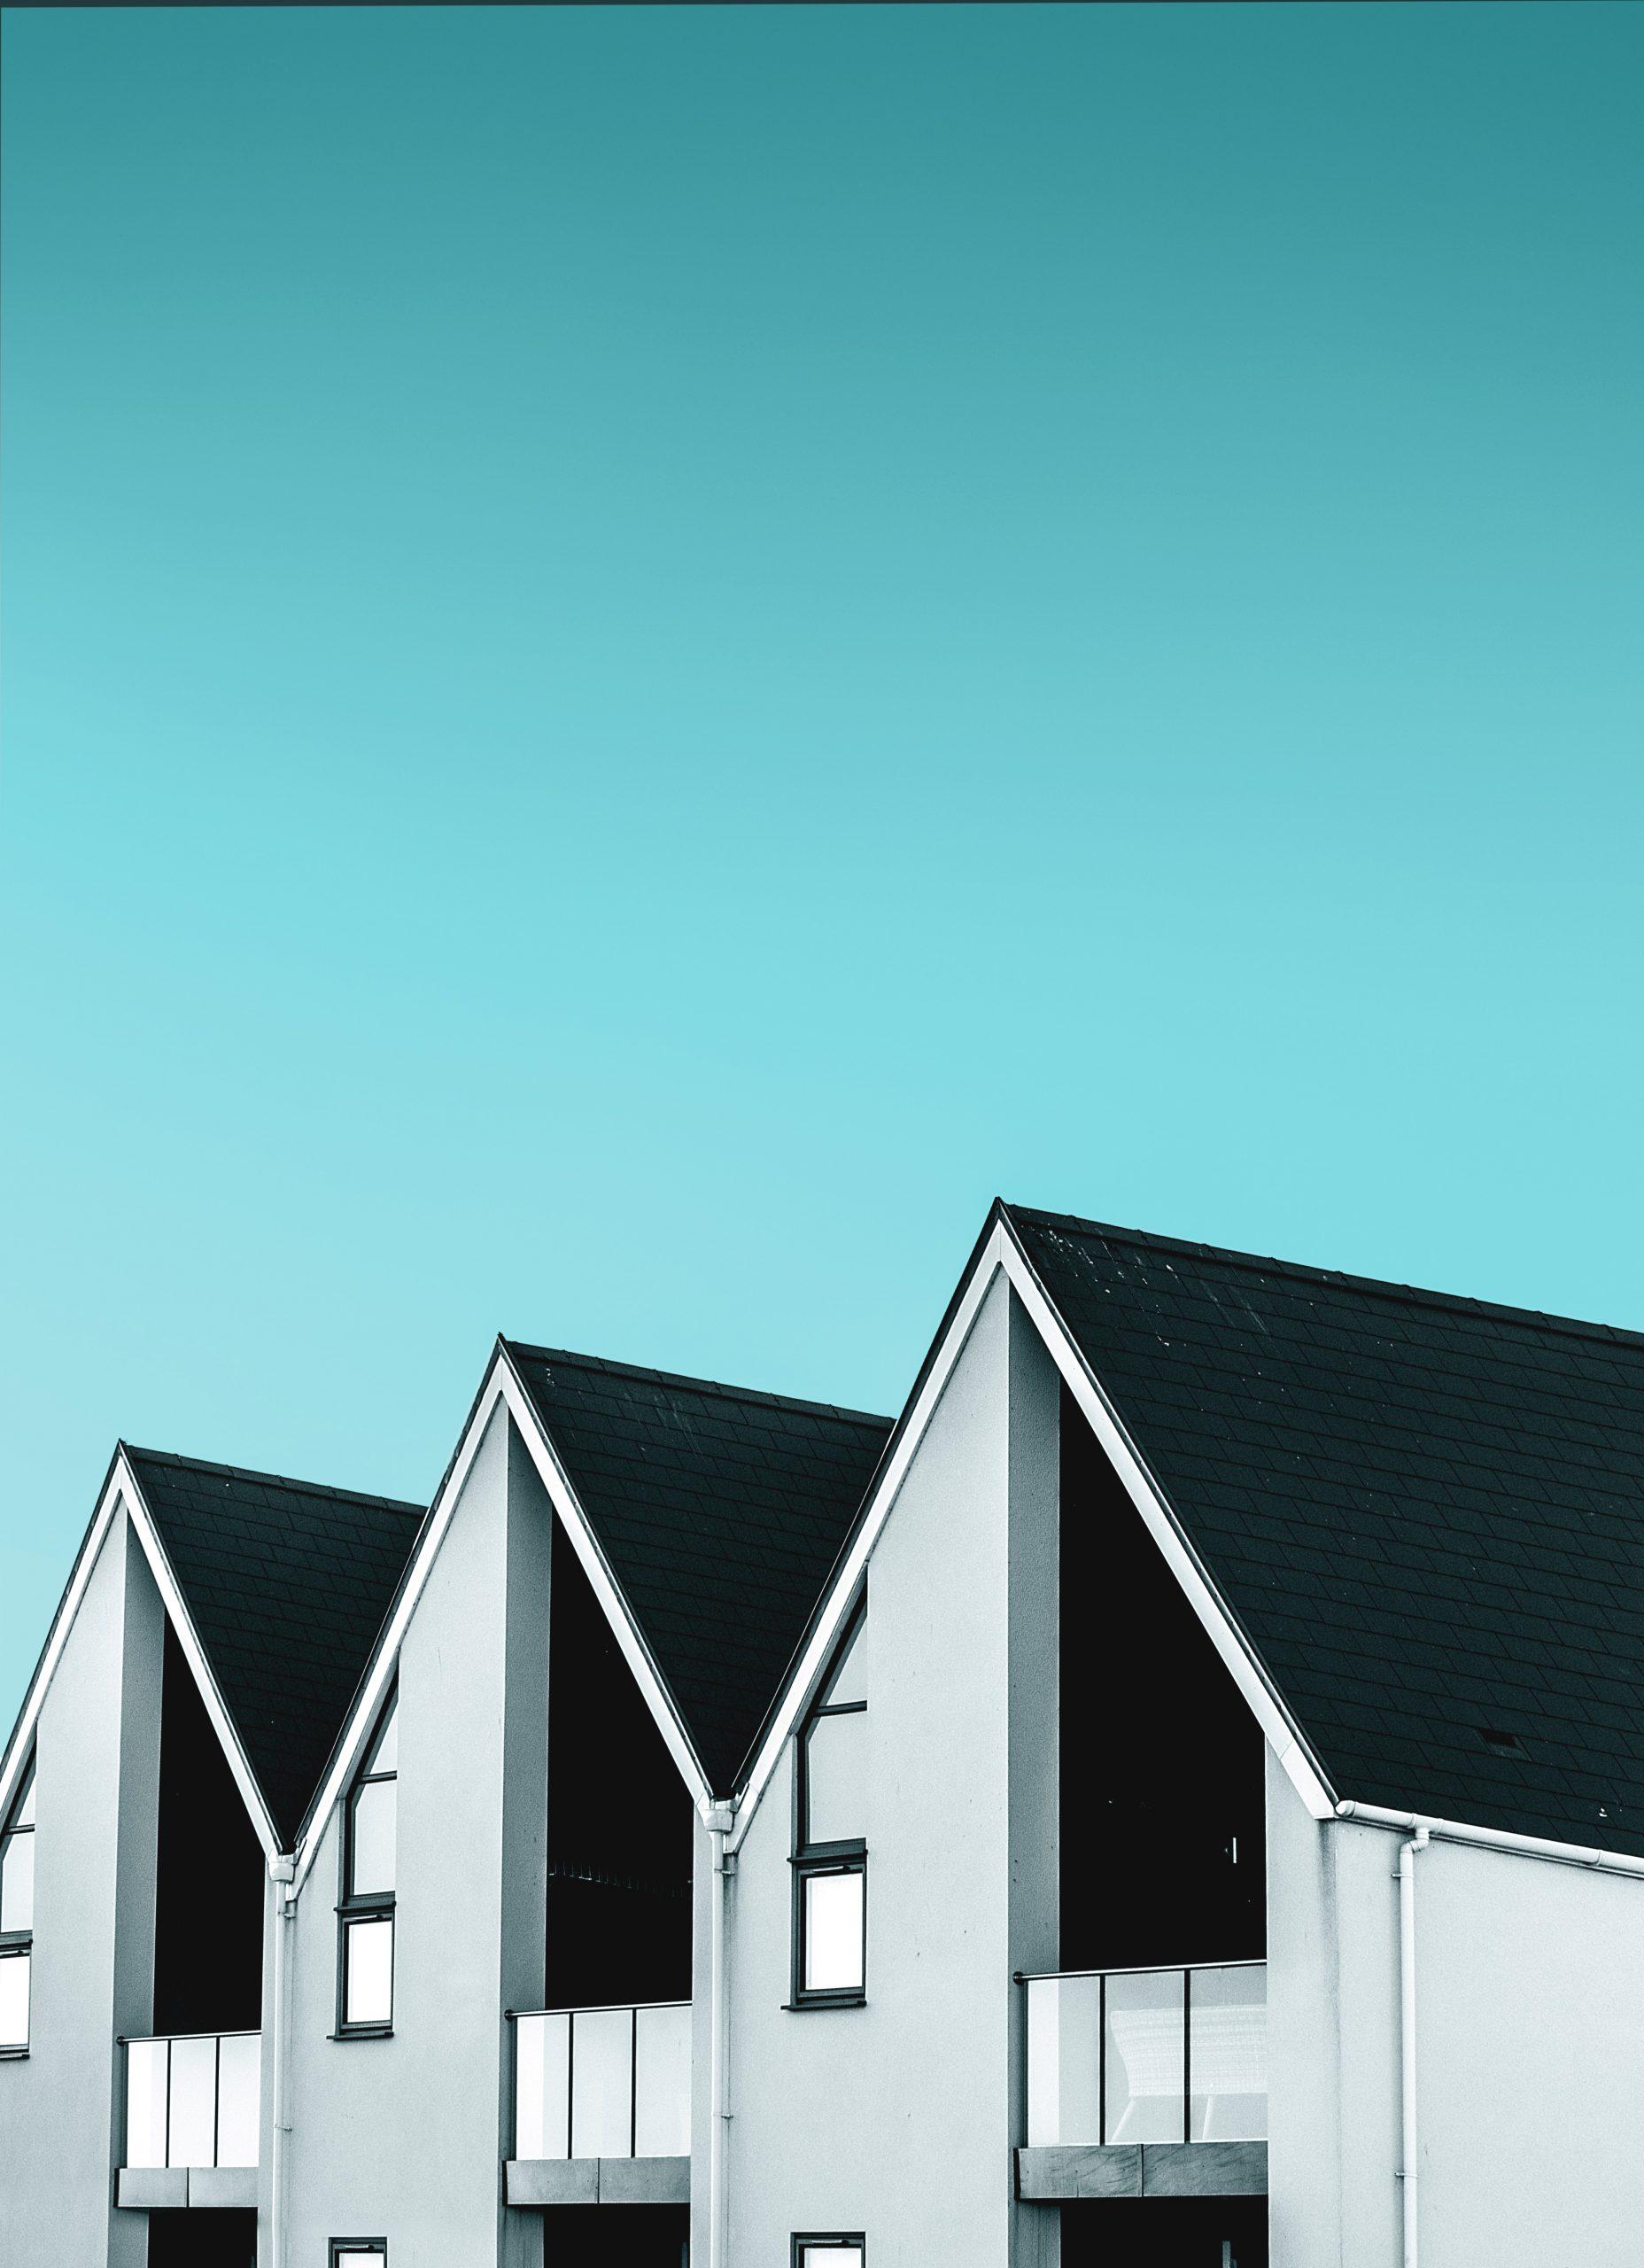 reprise de construction logements neufs apres la crise